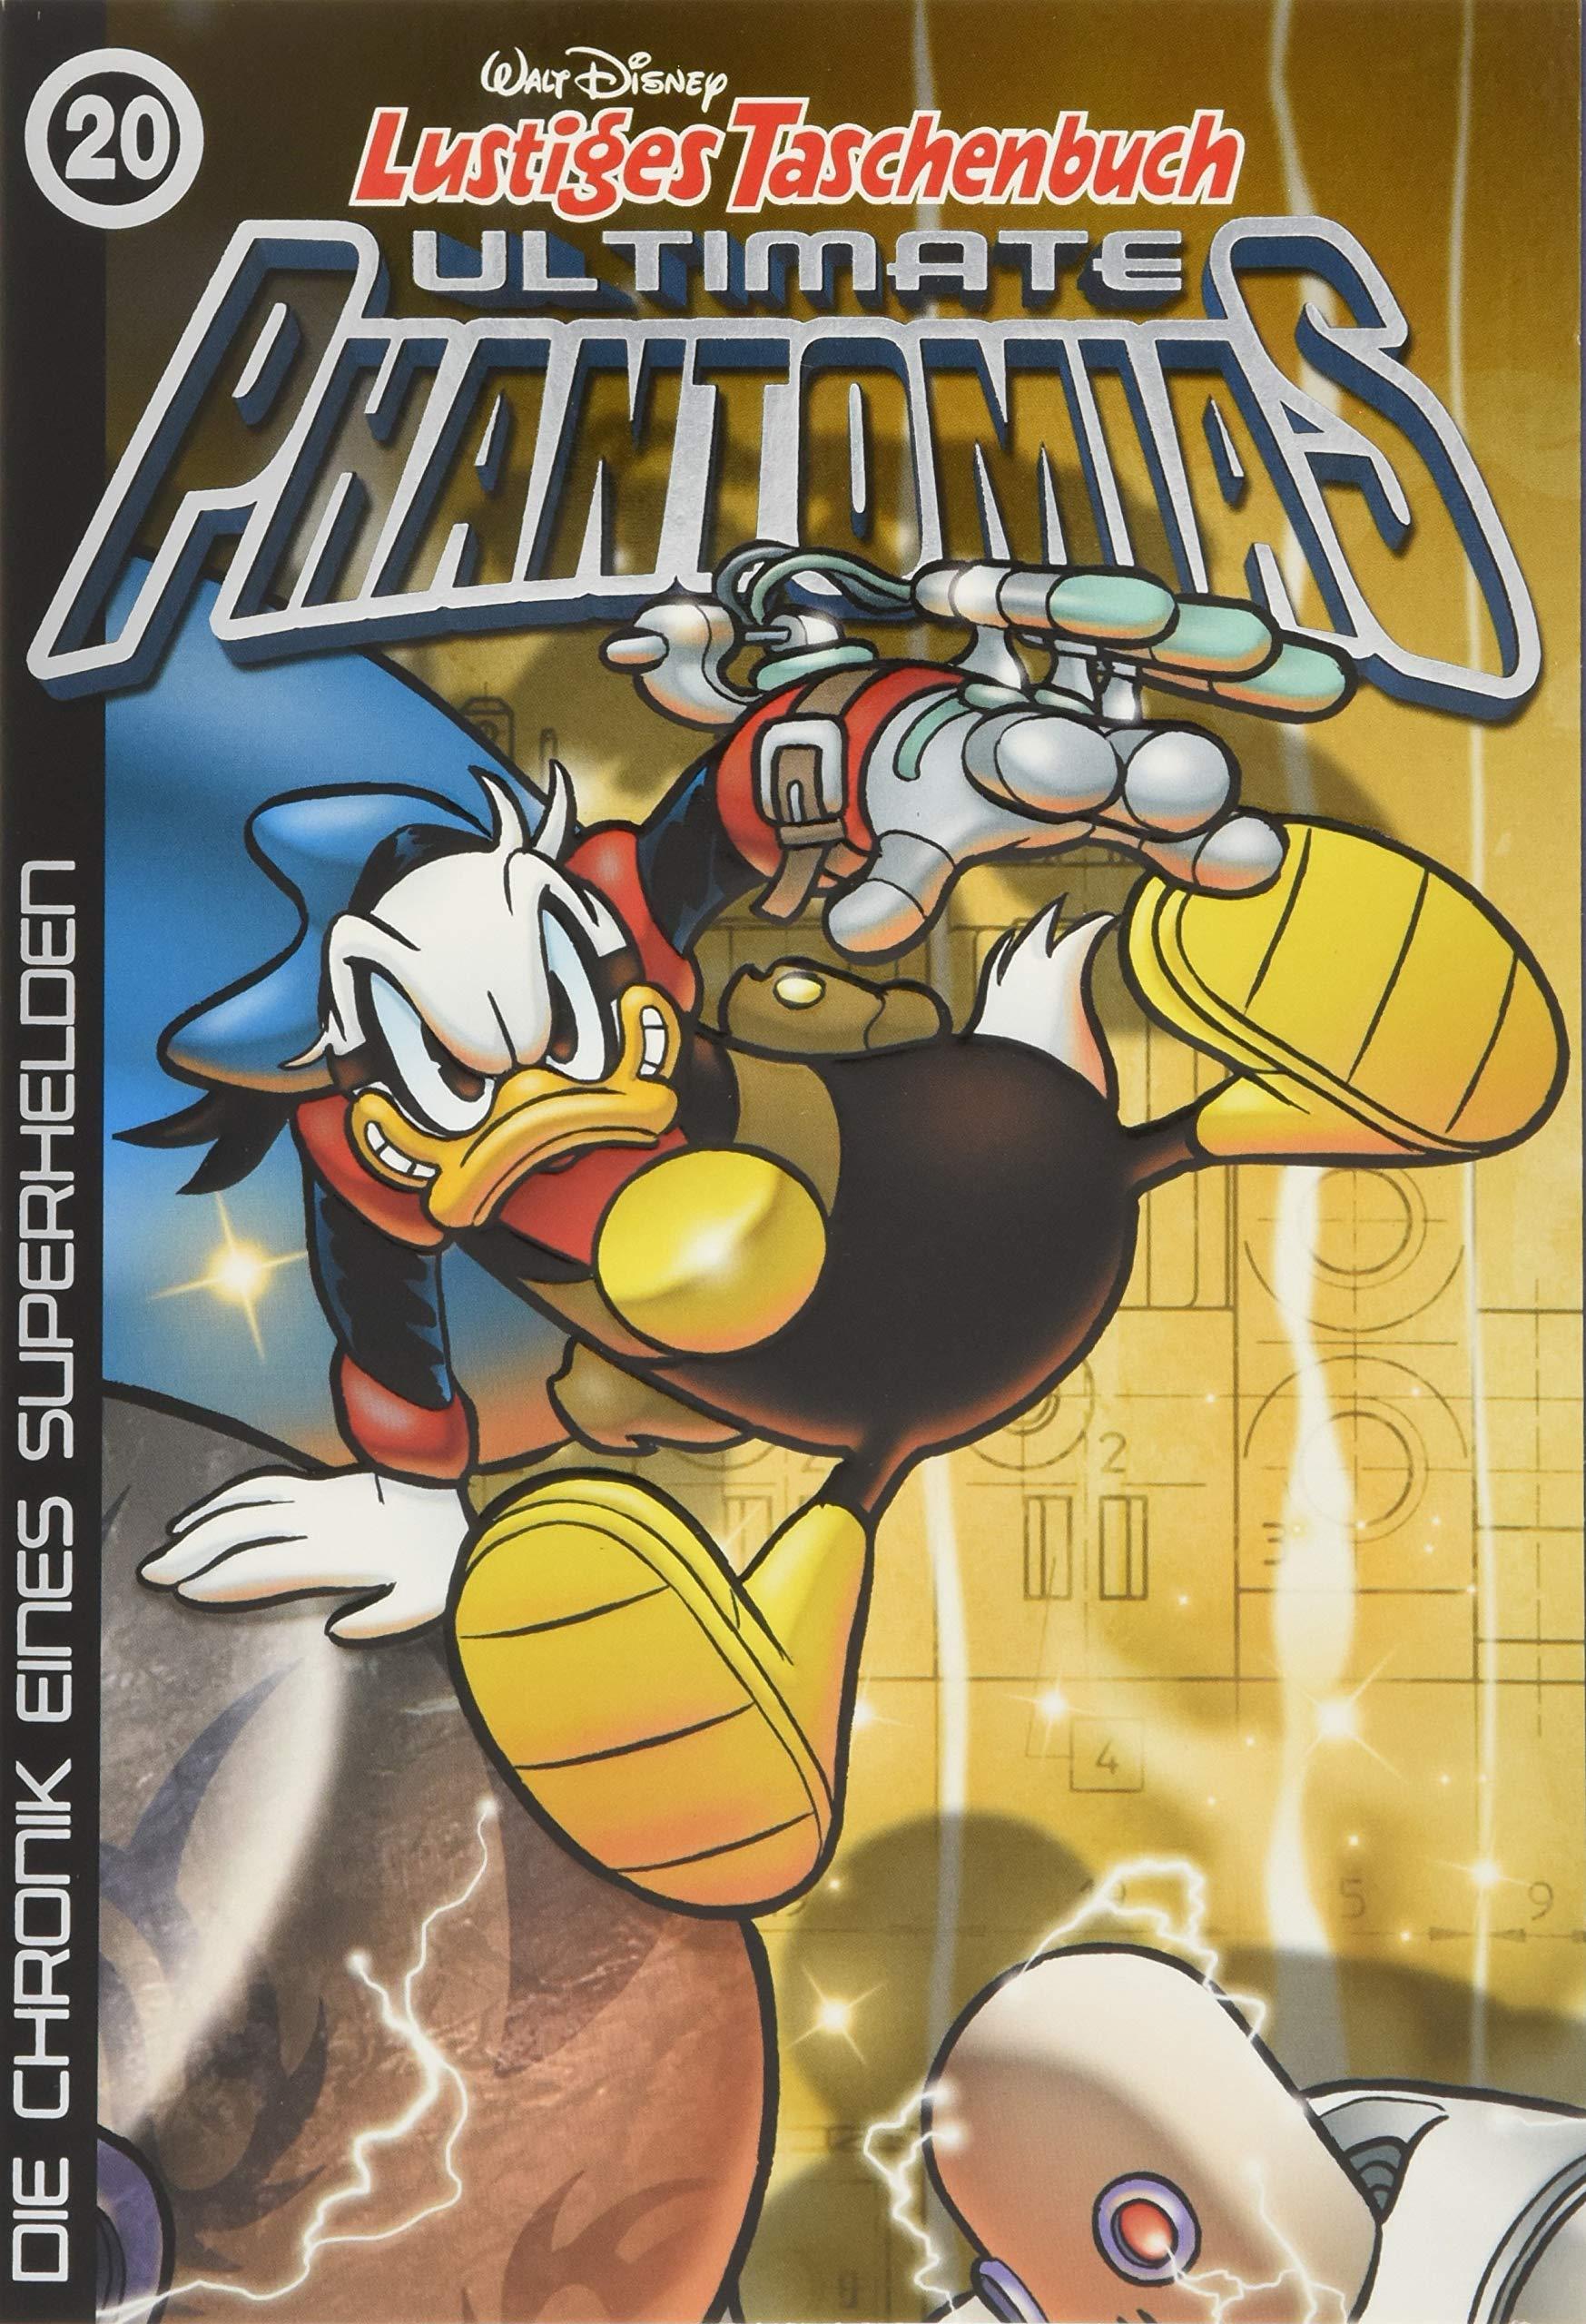 Lustiges Taschenbuch Ultimate Phantomias 20: Die Chronik eines Superhelden